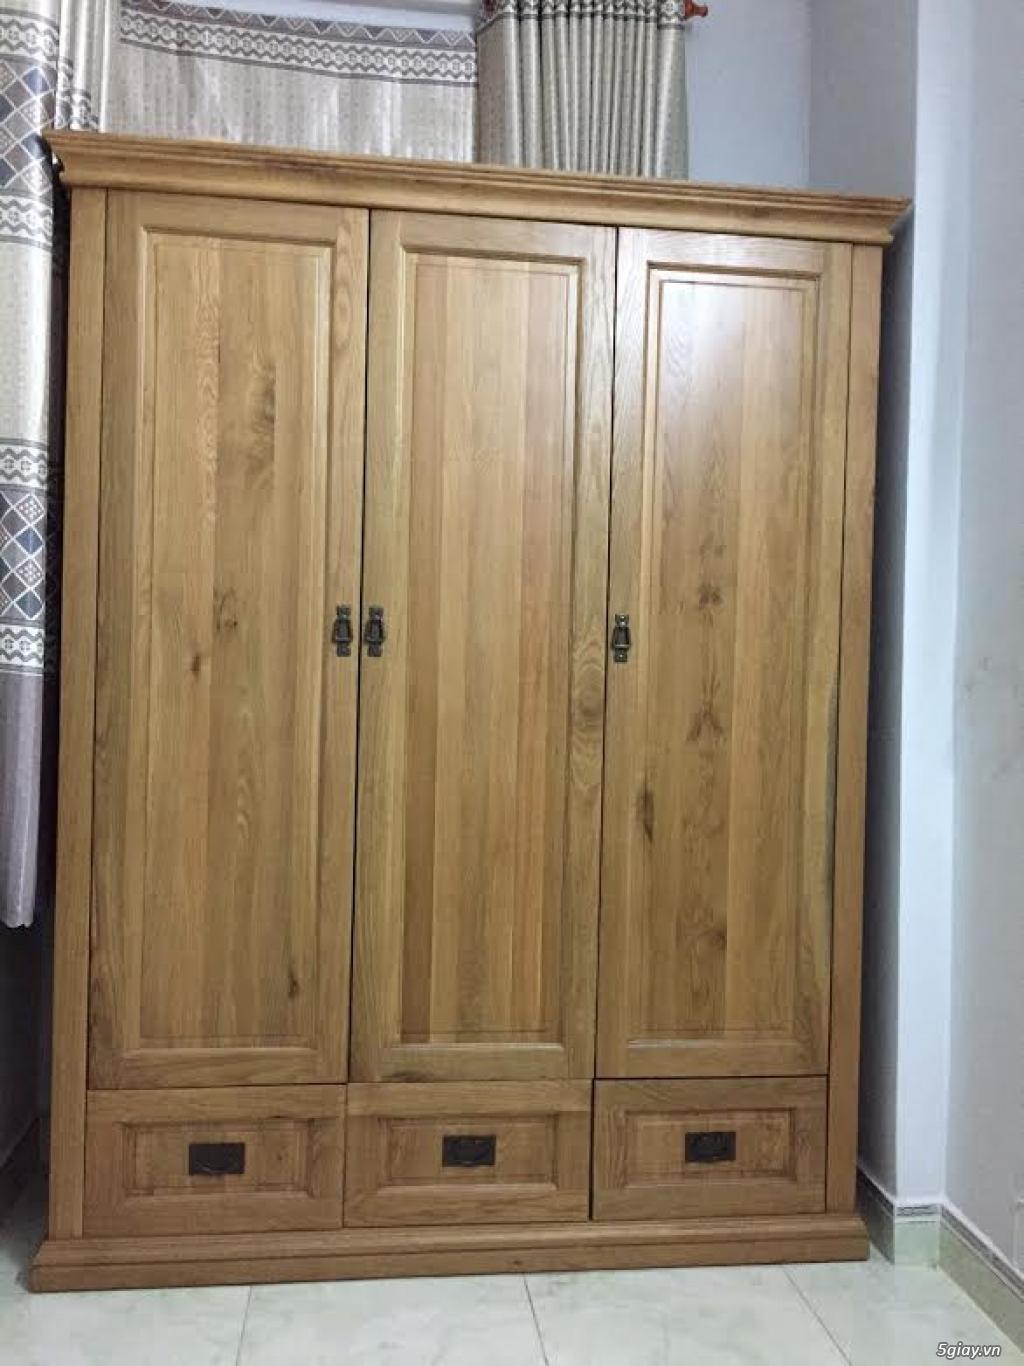 Nội Thất Tây Hưng Thịnh: Thanh lý giường tủ bàn ghế  bằng gỗ Sồi xuất khẩu Hàn Quốc - 12